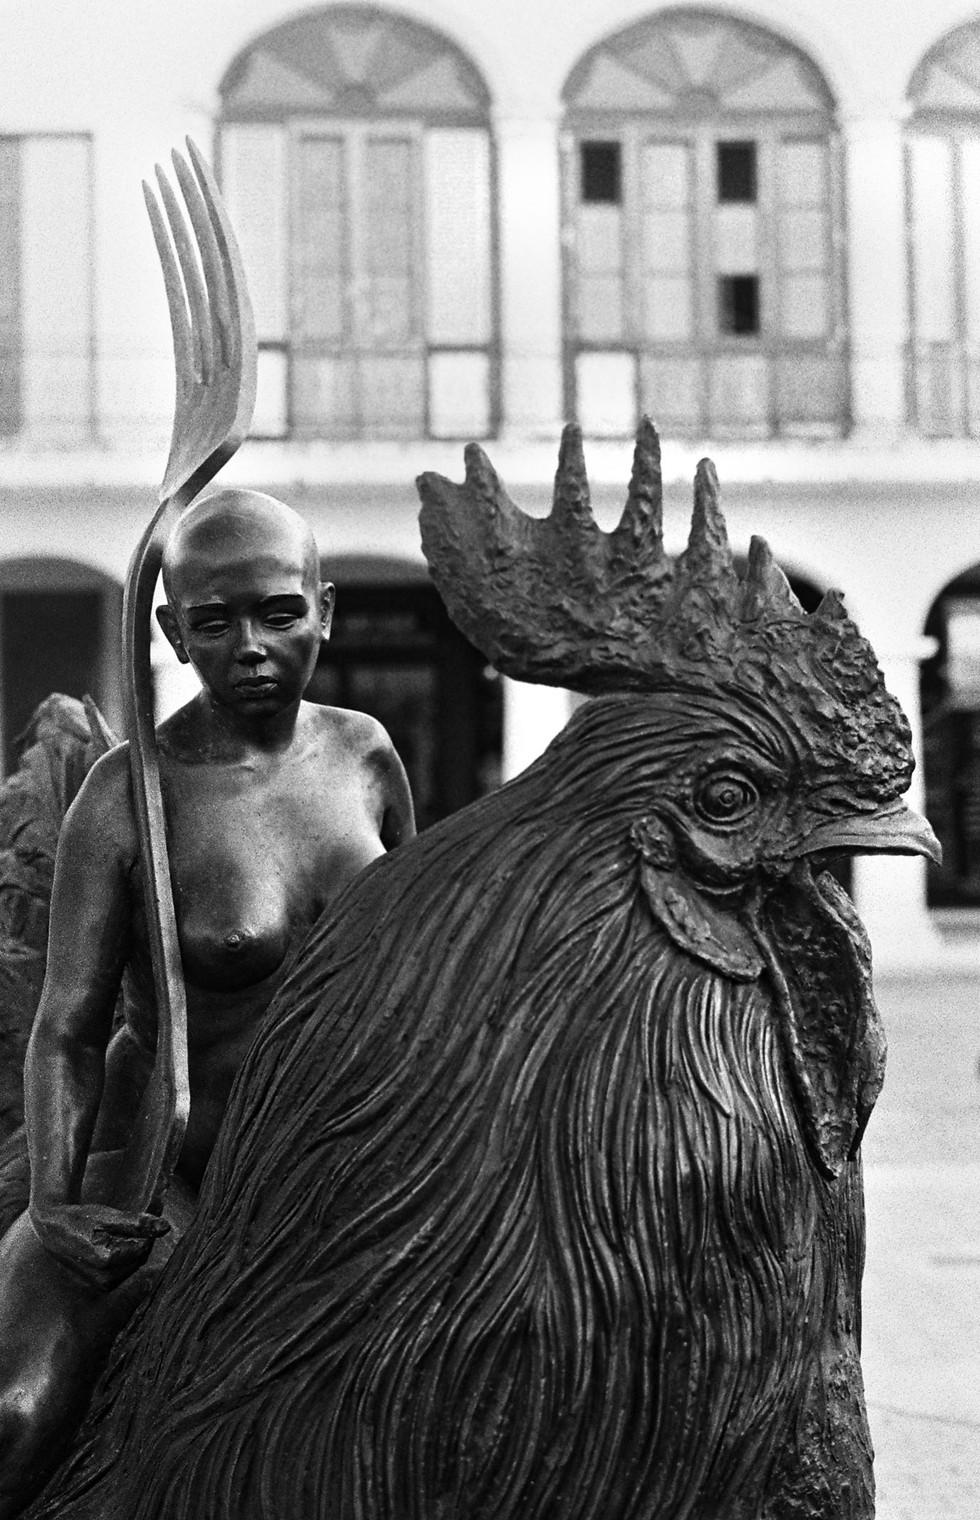 La Havana, Cuba, 2013